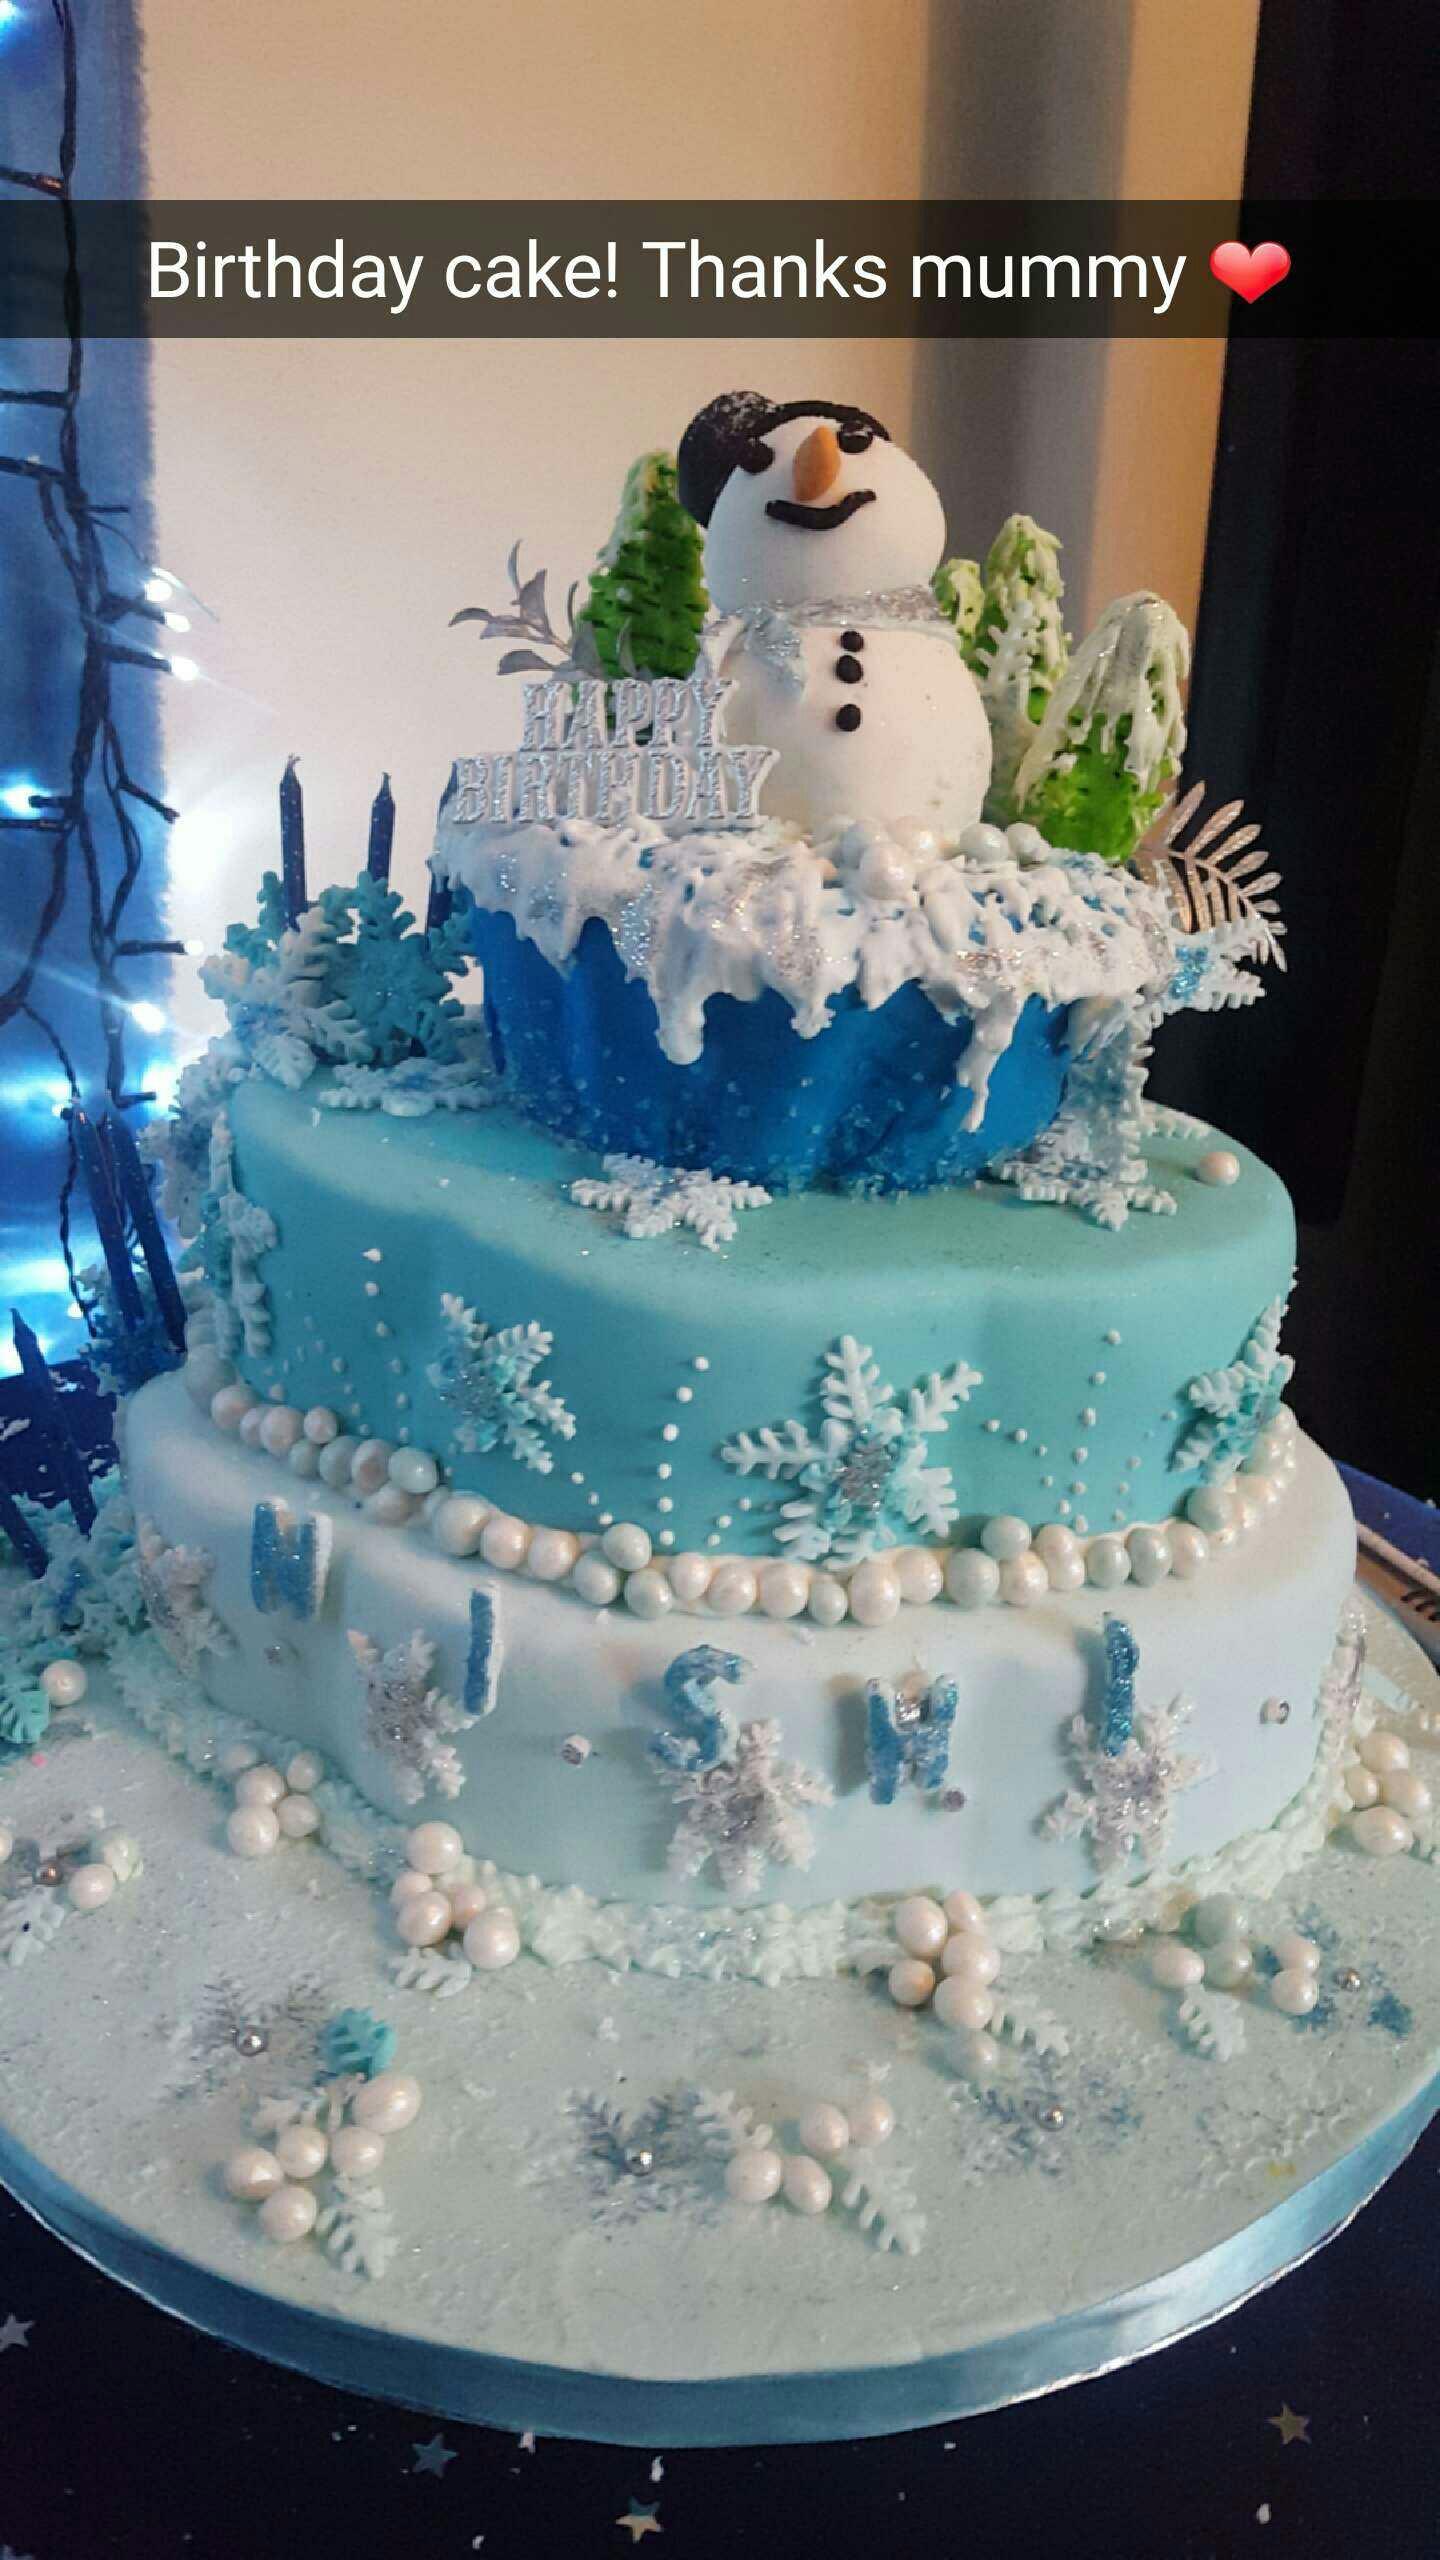 snapchat 5929572083908116718 cake kingdom